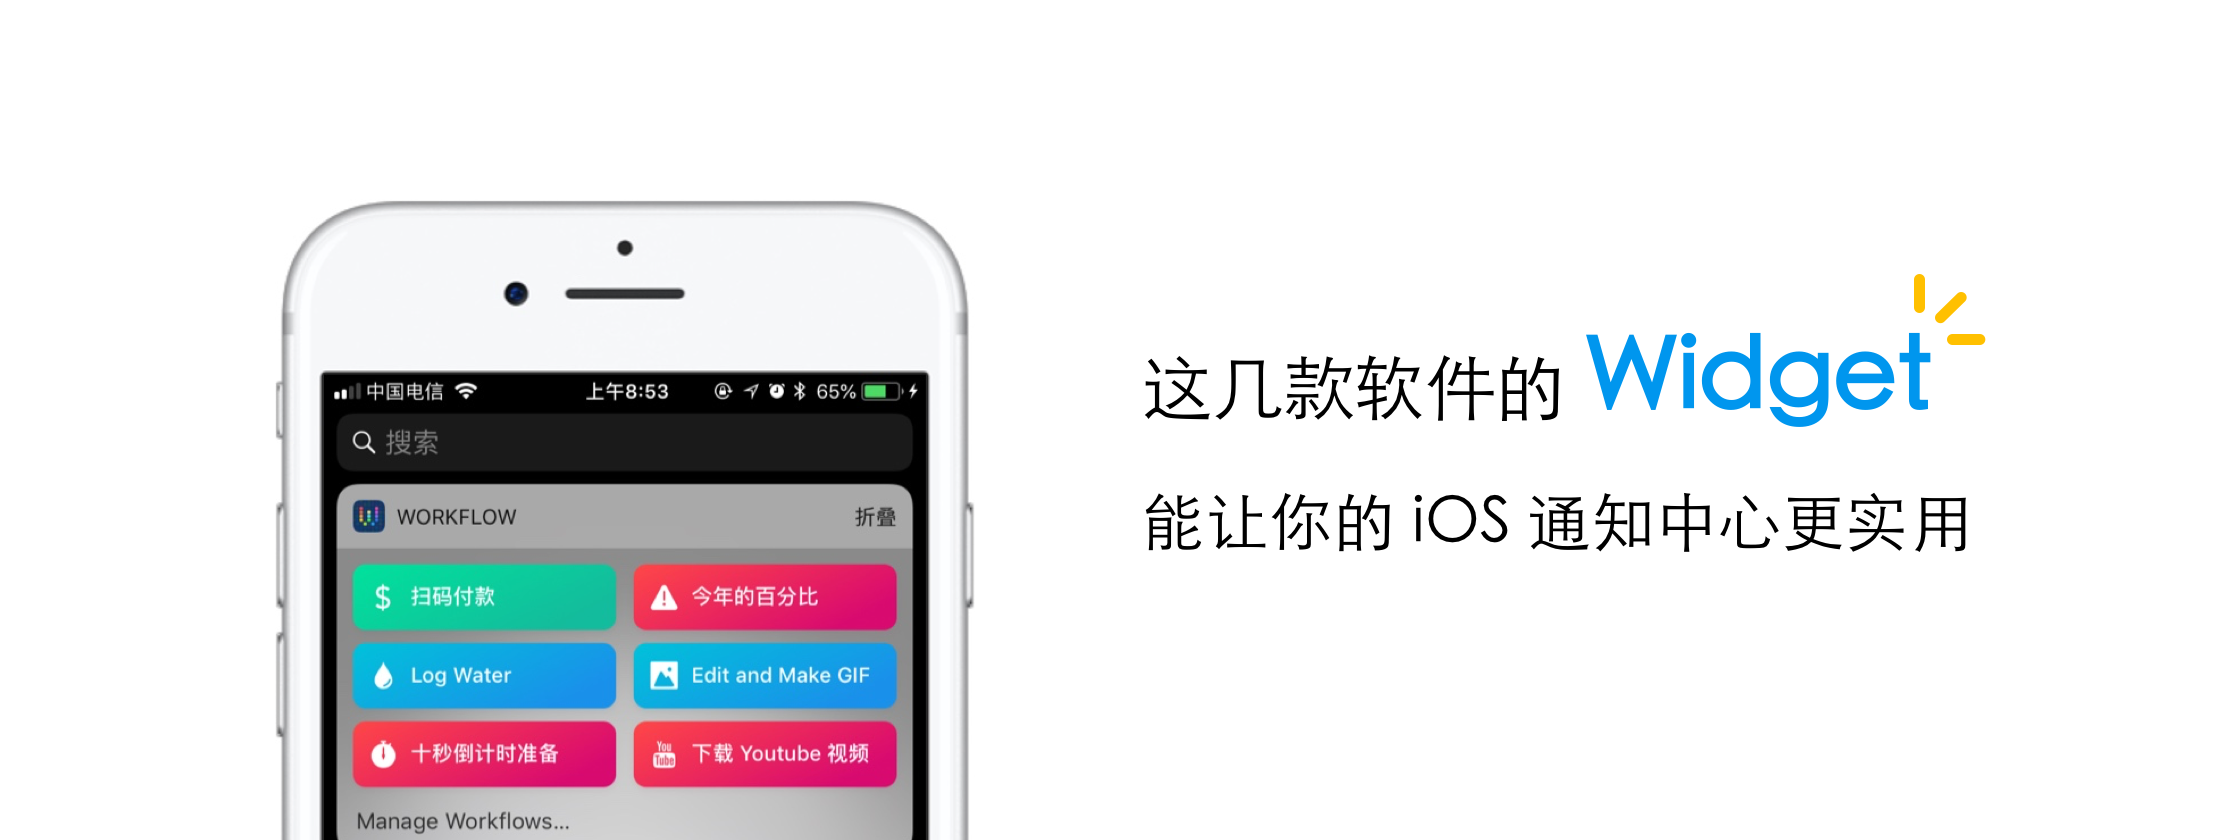 这几款软件的 Widget,能让你的 iOS 通知中心更实用